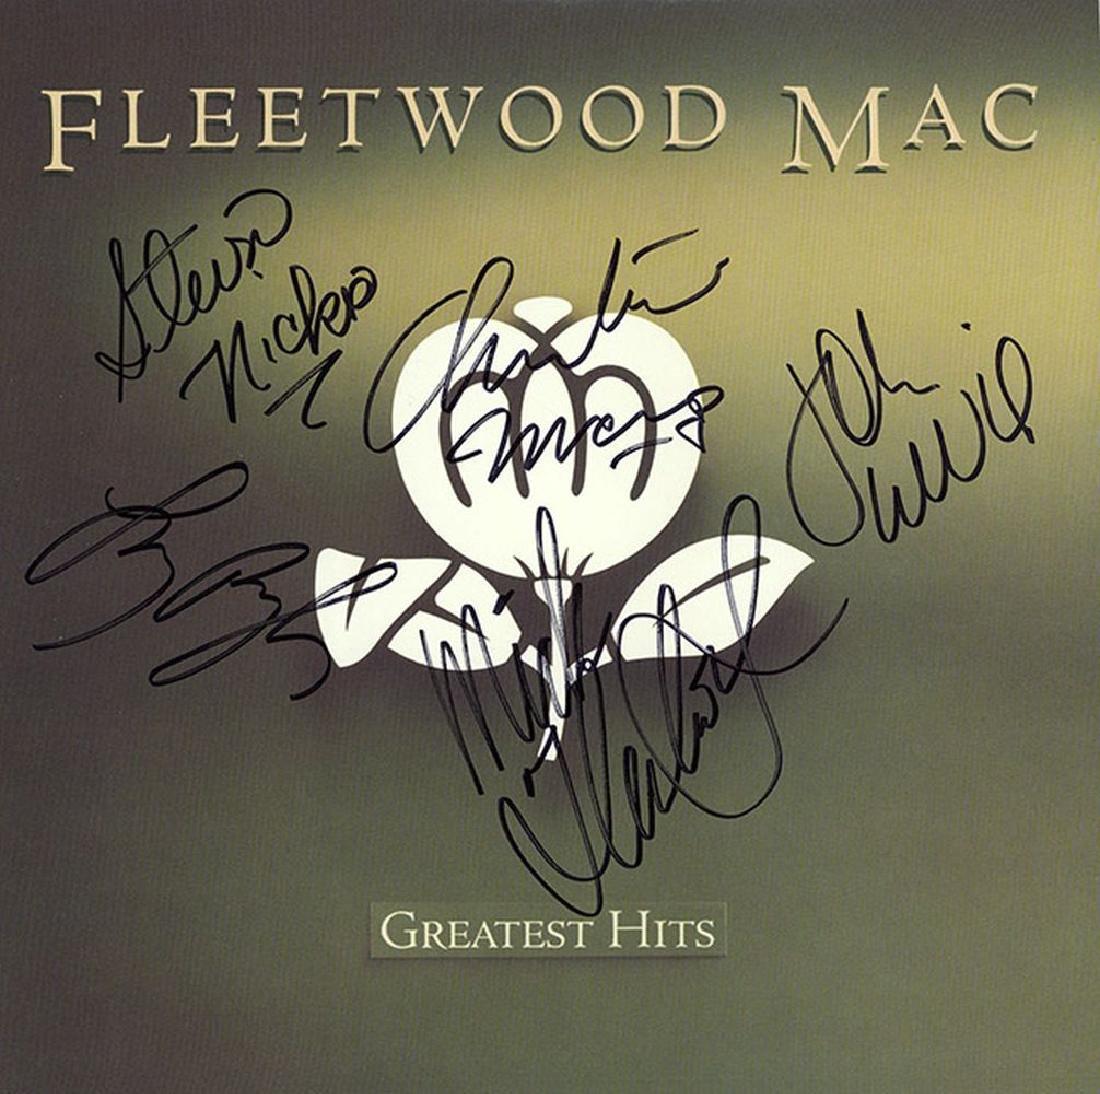 Fleetwood Mac Band Signed Greatest Hits Album